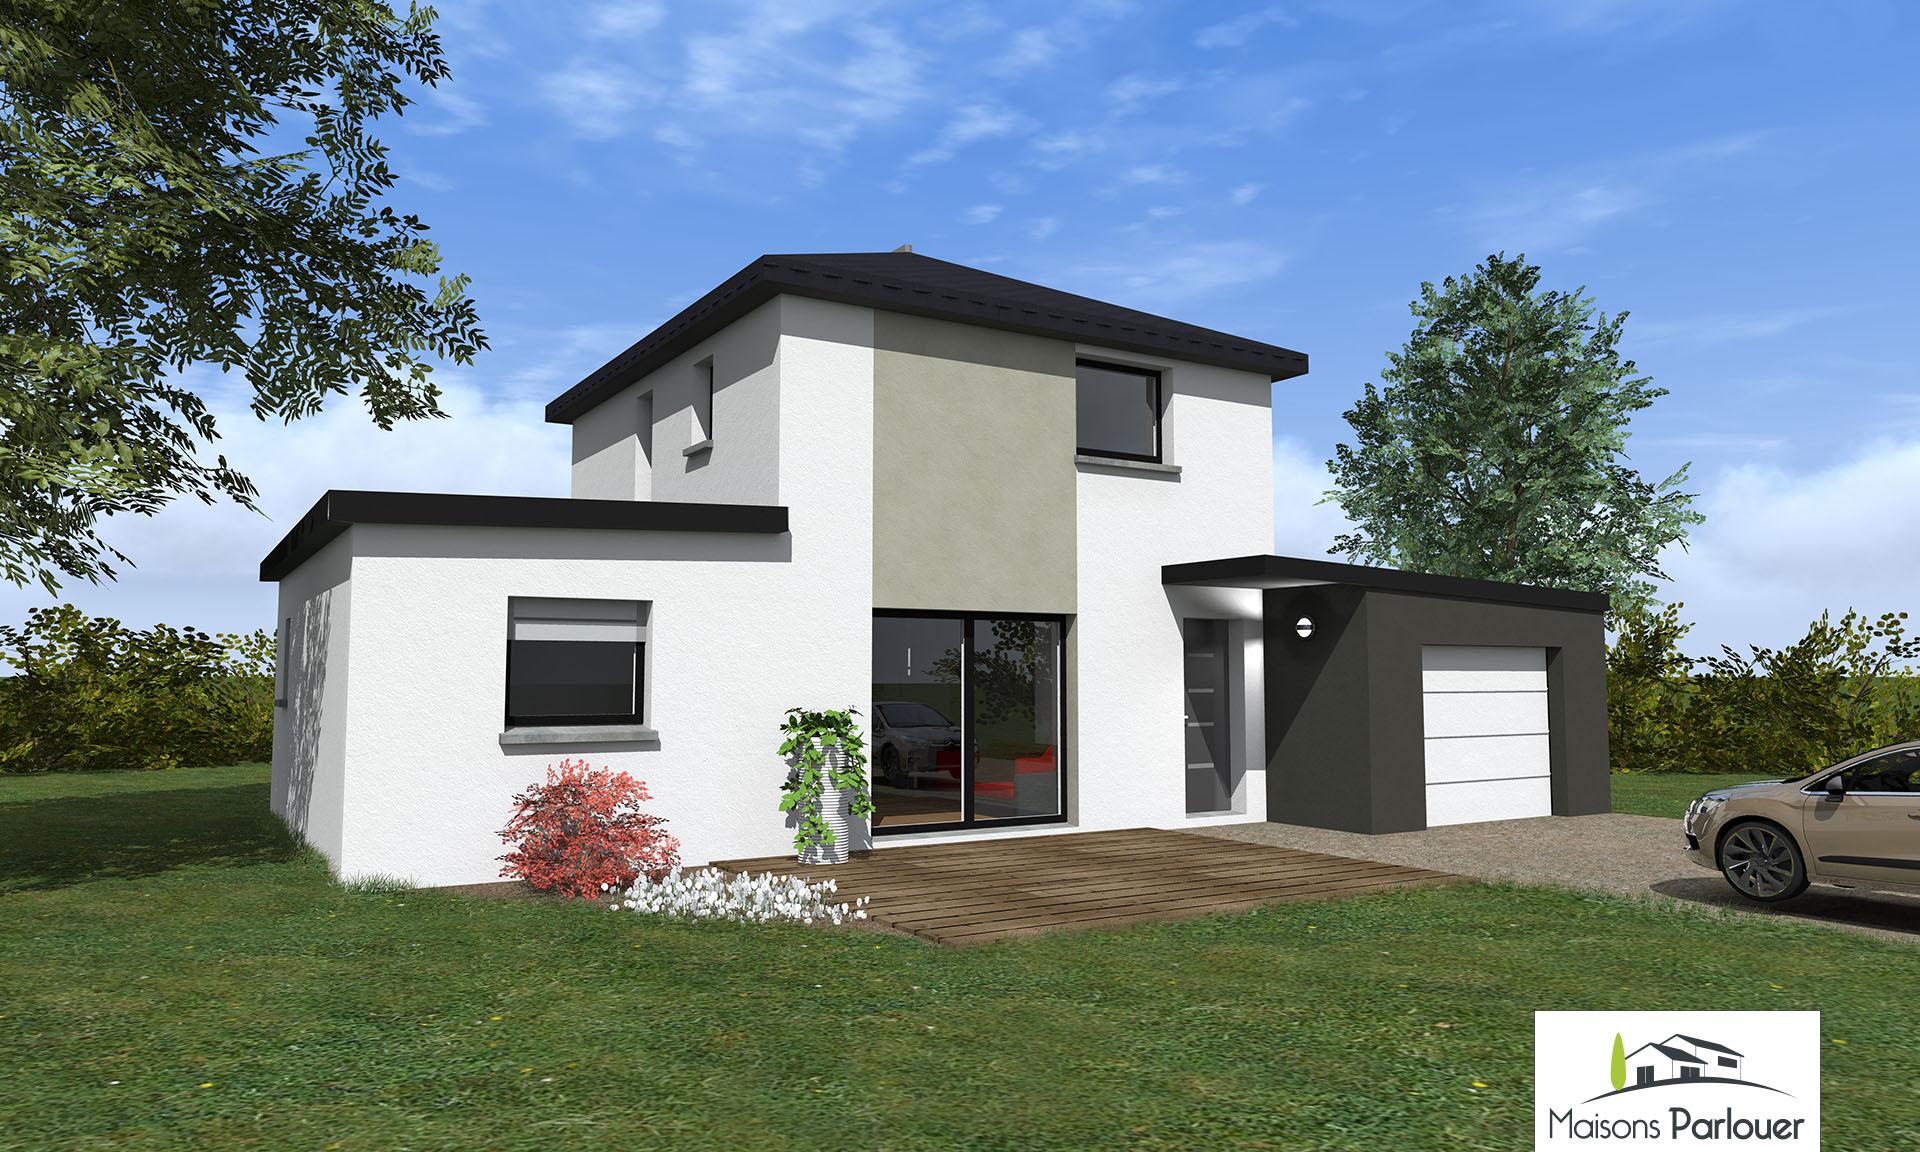 projets d 39 une superficie inf rieure 100m2 non cat goris. Black Bedroom Furniture Sets. Home Design Ideas